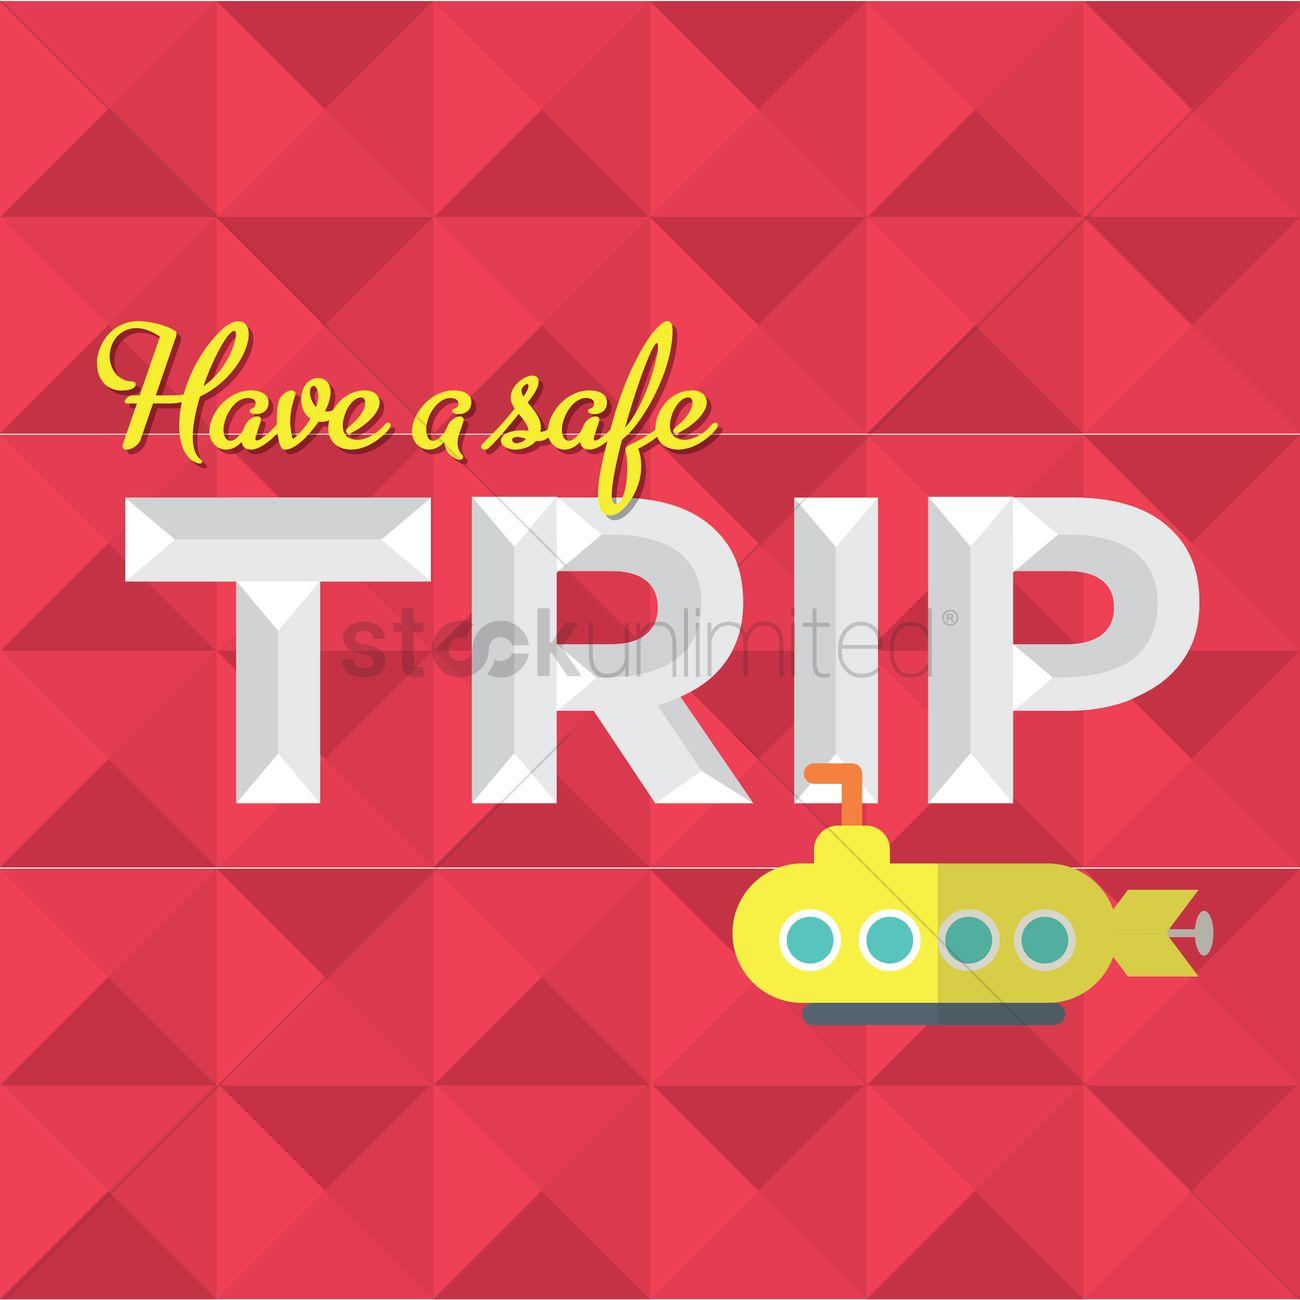 Safe Travel Message Design Vector Image 1419499